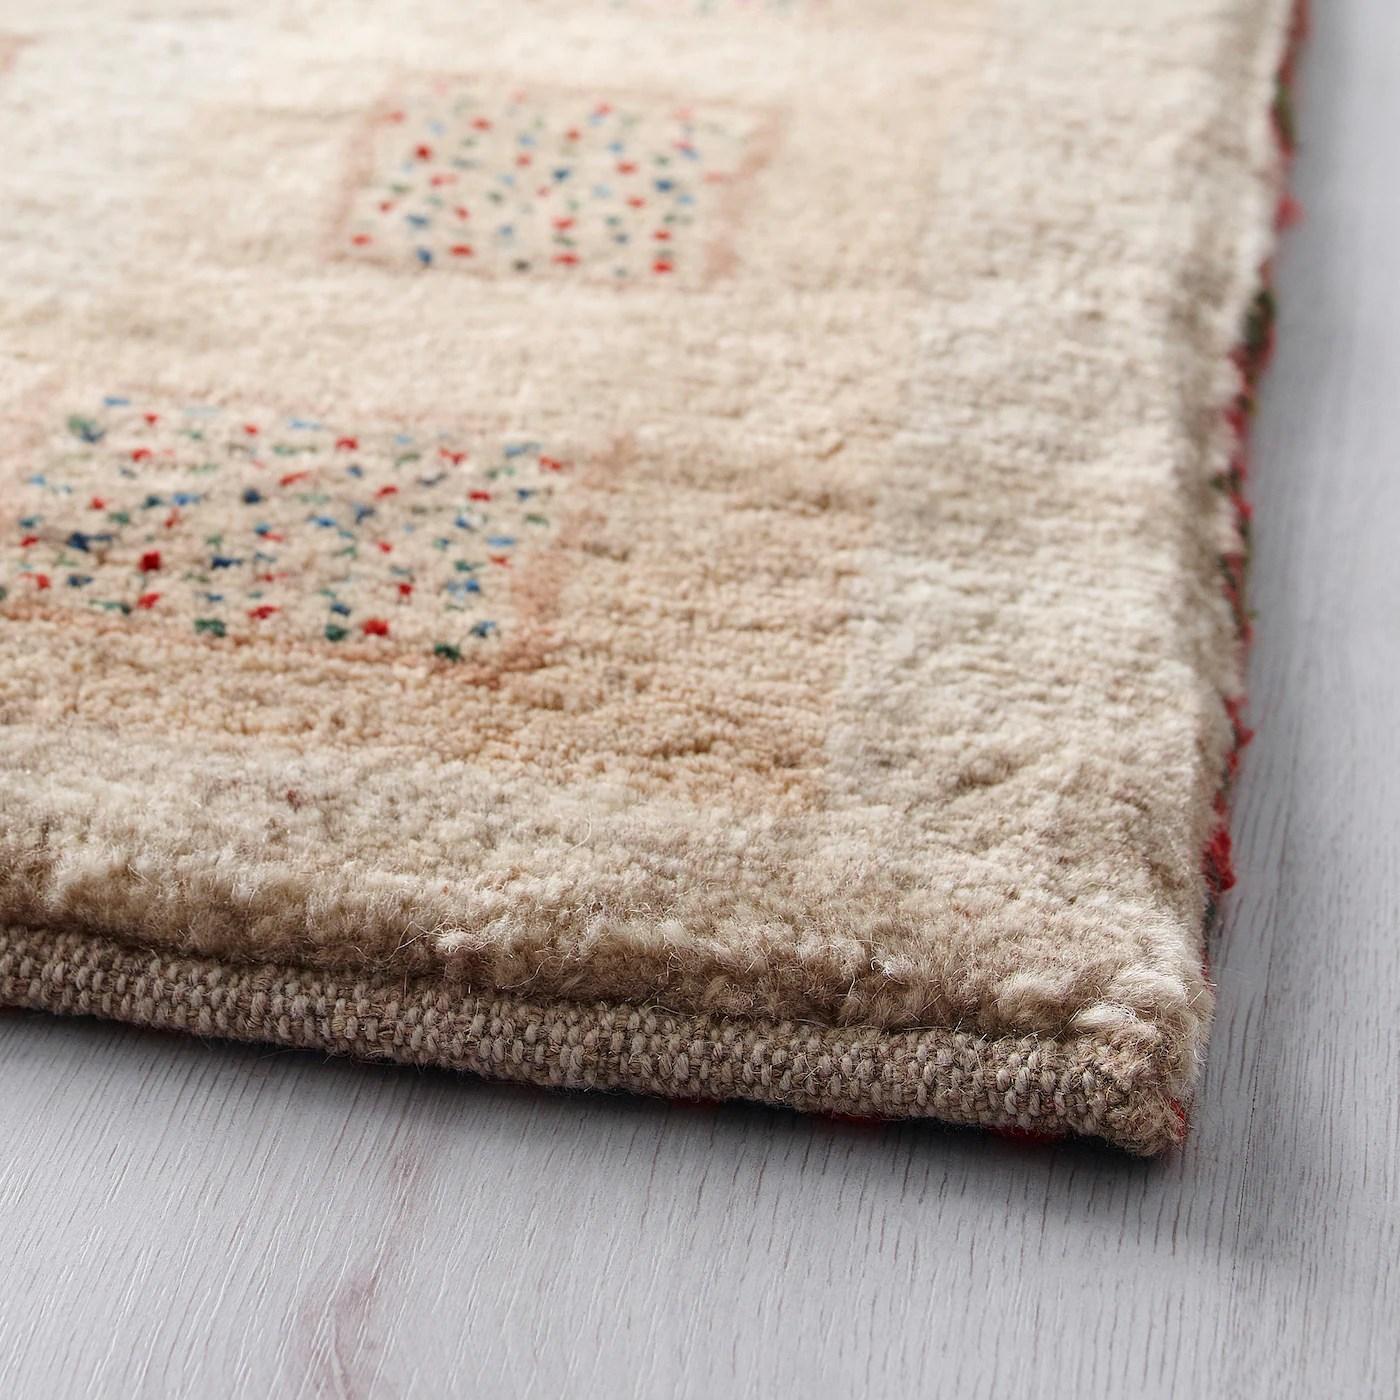 persisk gabbeh l tapis poils hauts fait main coloris assortis 110x175 cm